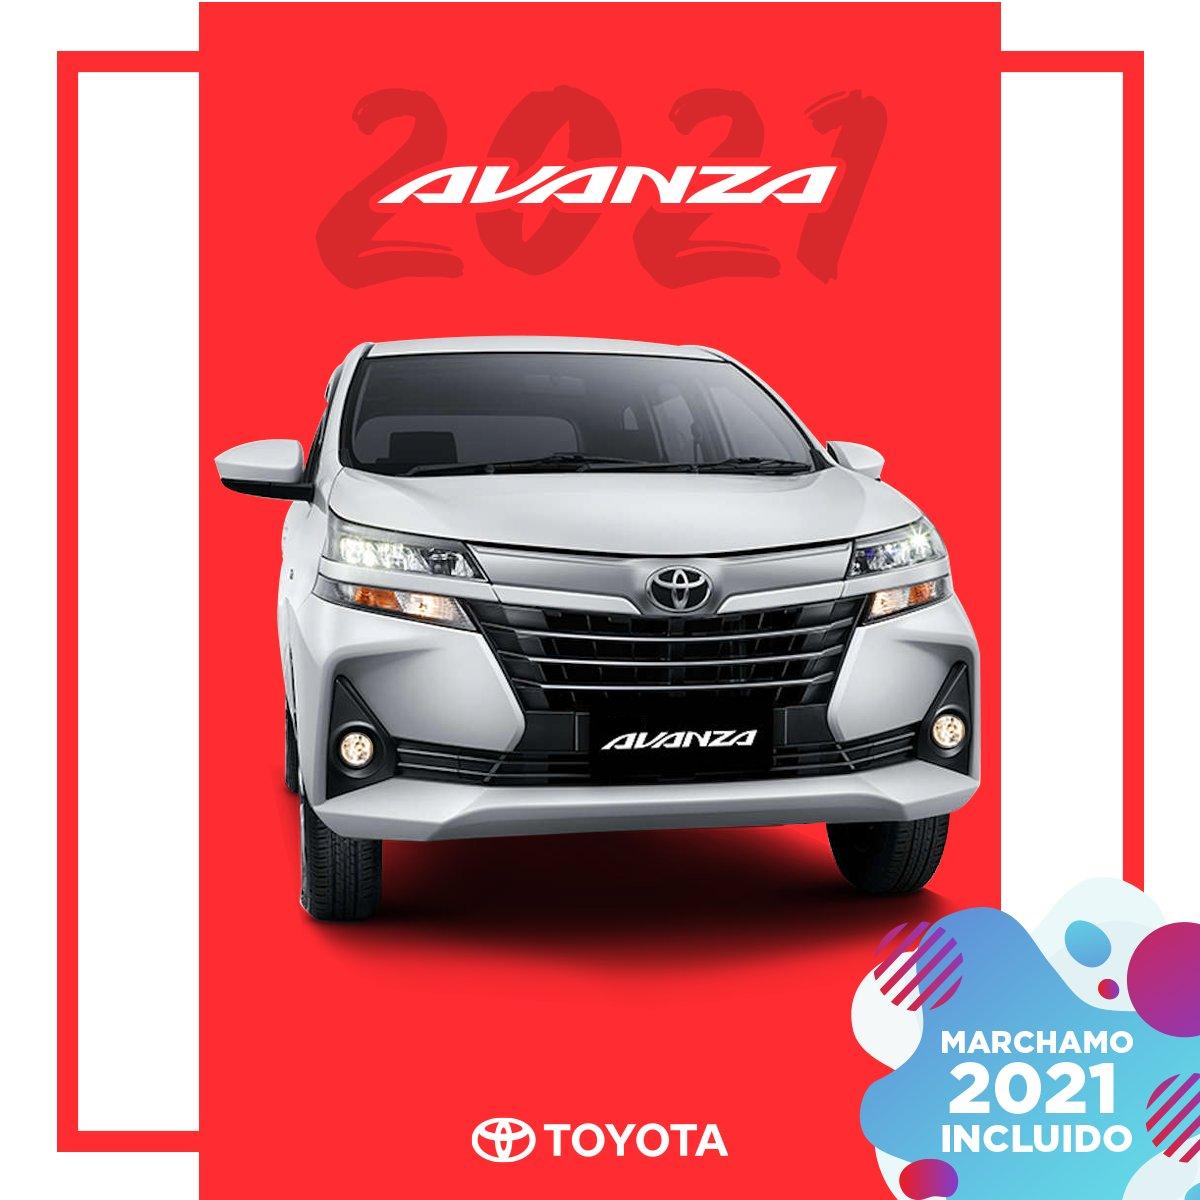 Toyota Avanza es un minivan cómodo por dentro y moderno por fuera. Por si fuera poco viene con marchamo 2021  incluido.   Conocelo en: https://t.co/zSeNRIGXkv  #toyota #avanza. https://t.co/zjFhKFK2X2